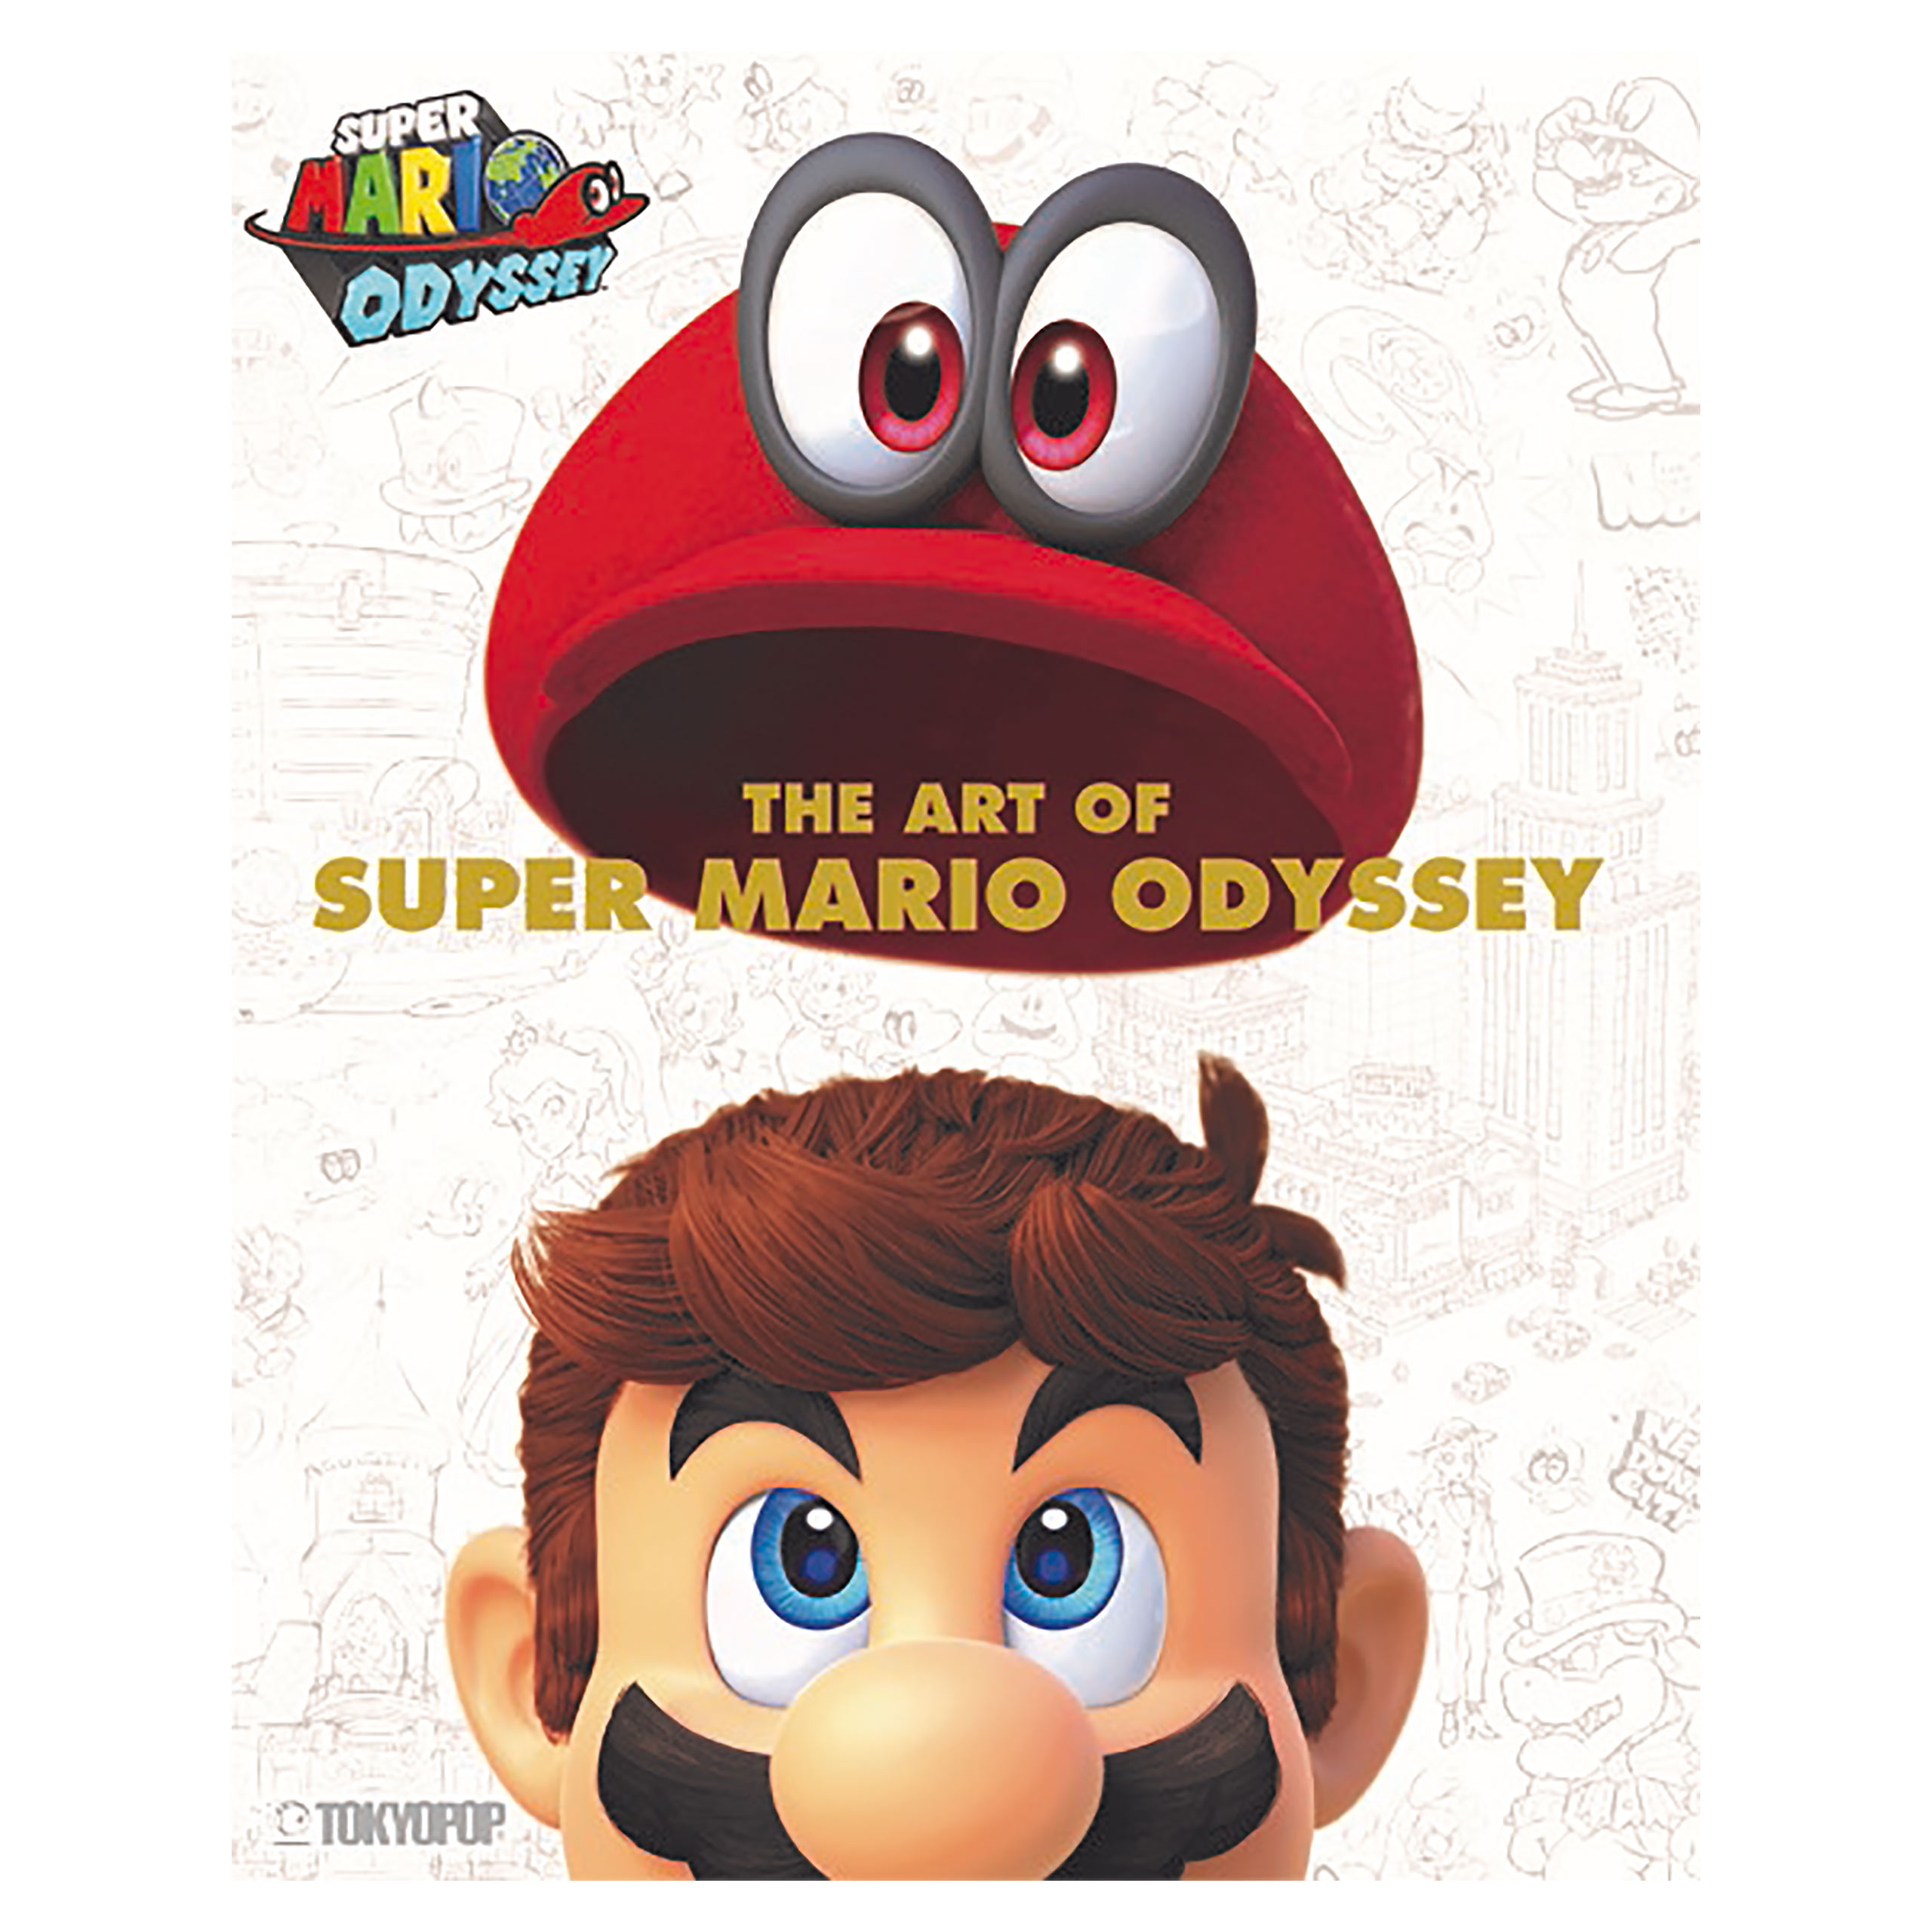 Super Mario - The Art of Super Mario Odyssey